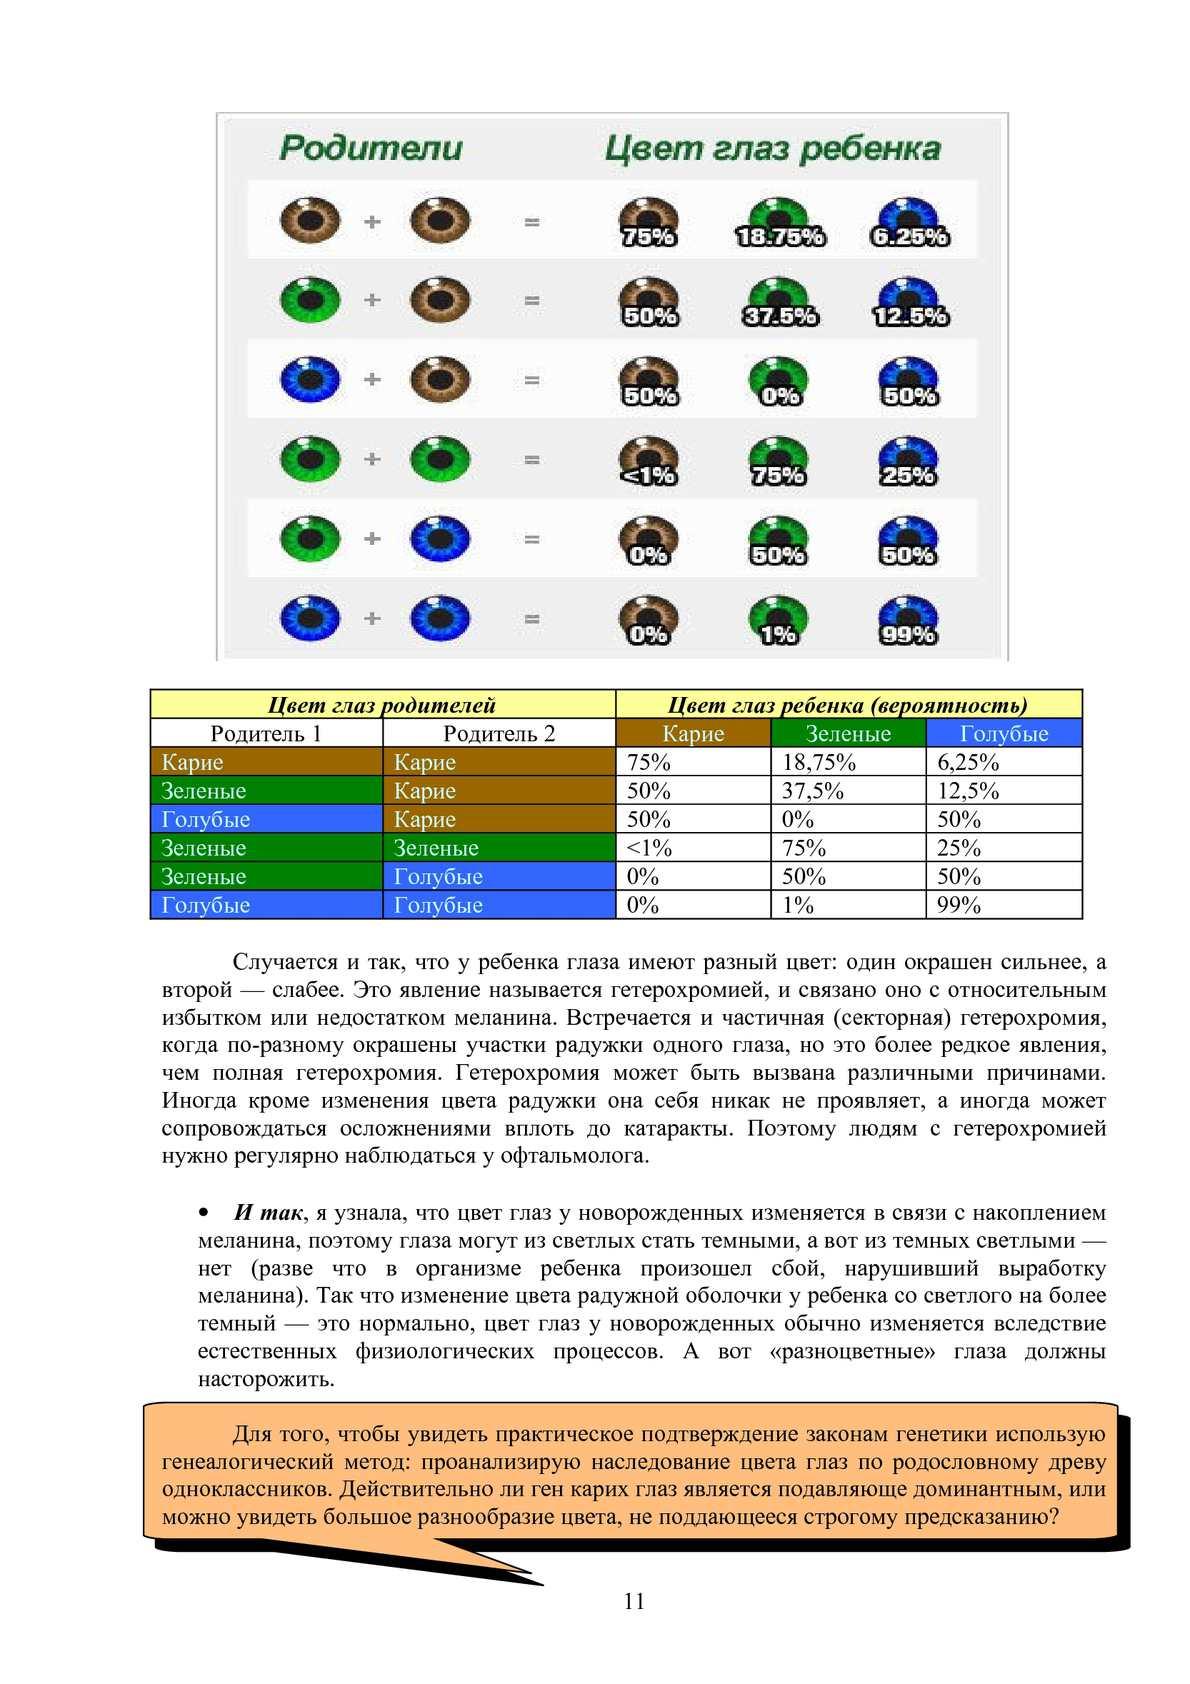 Цвет глаз ребенка: таблица. как определить цвет глаз будущего ребенка